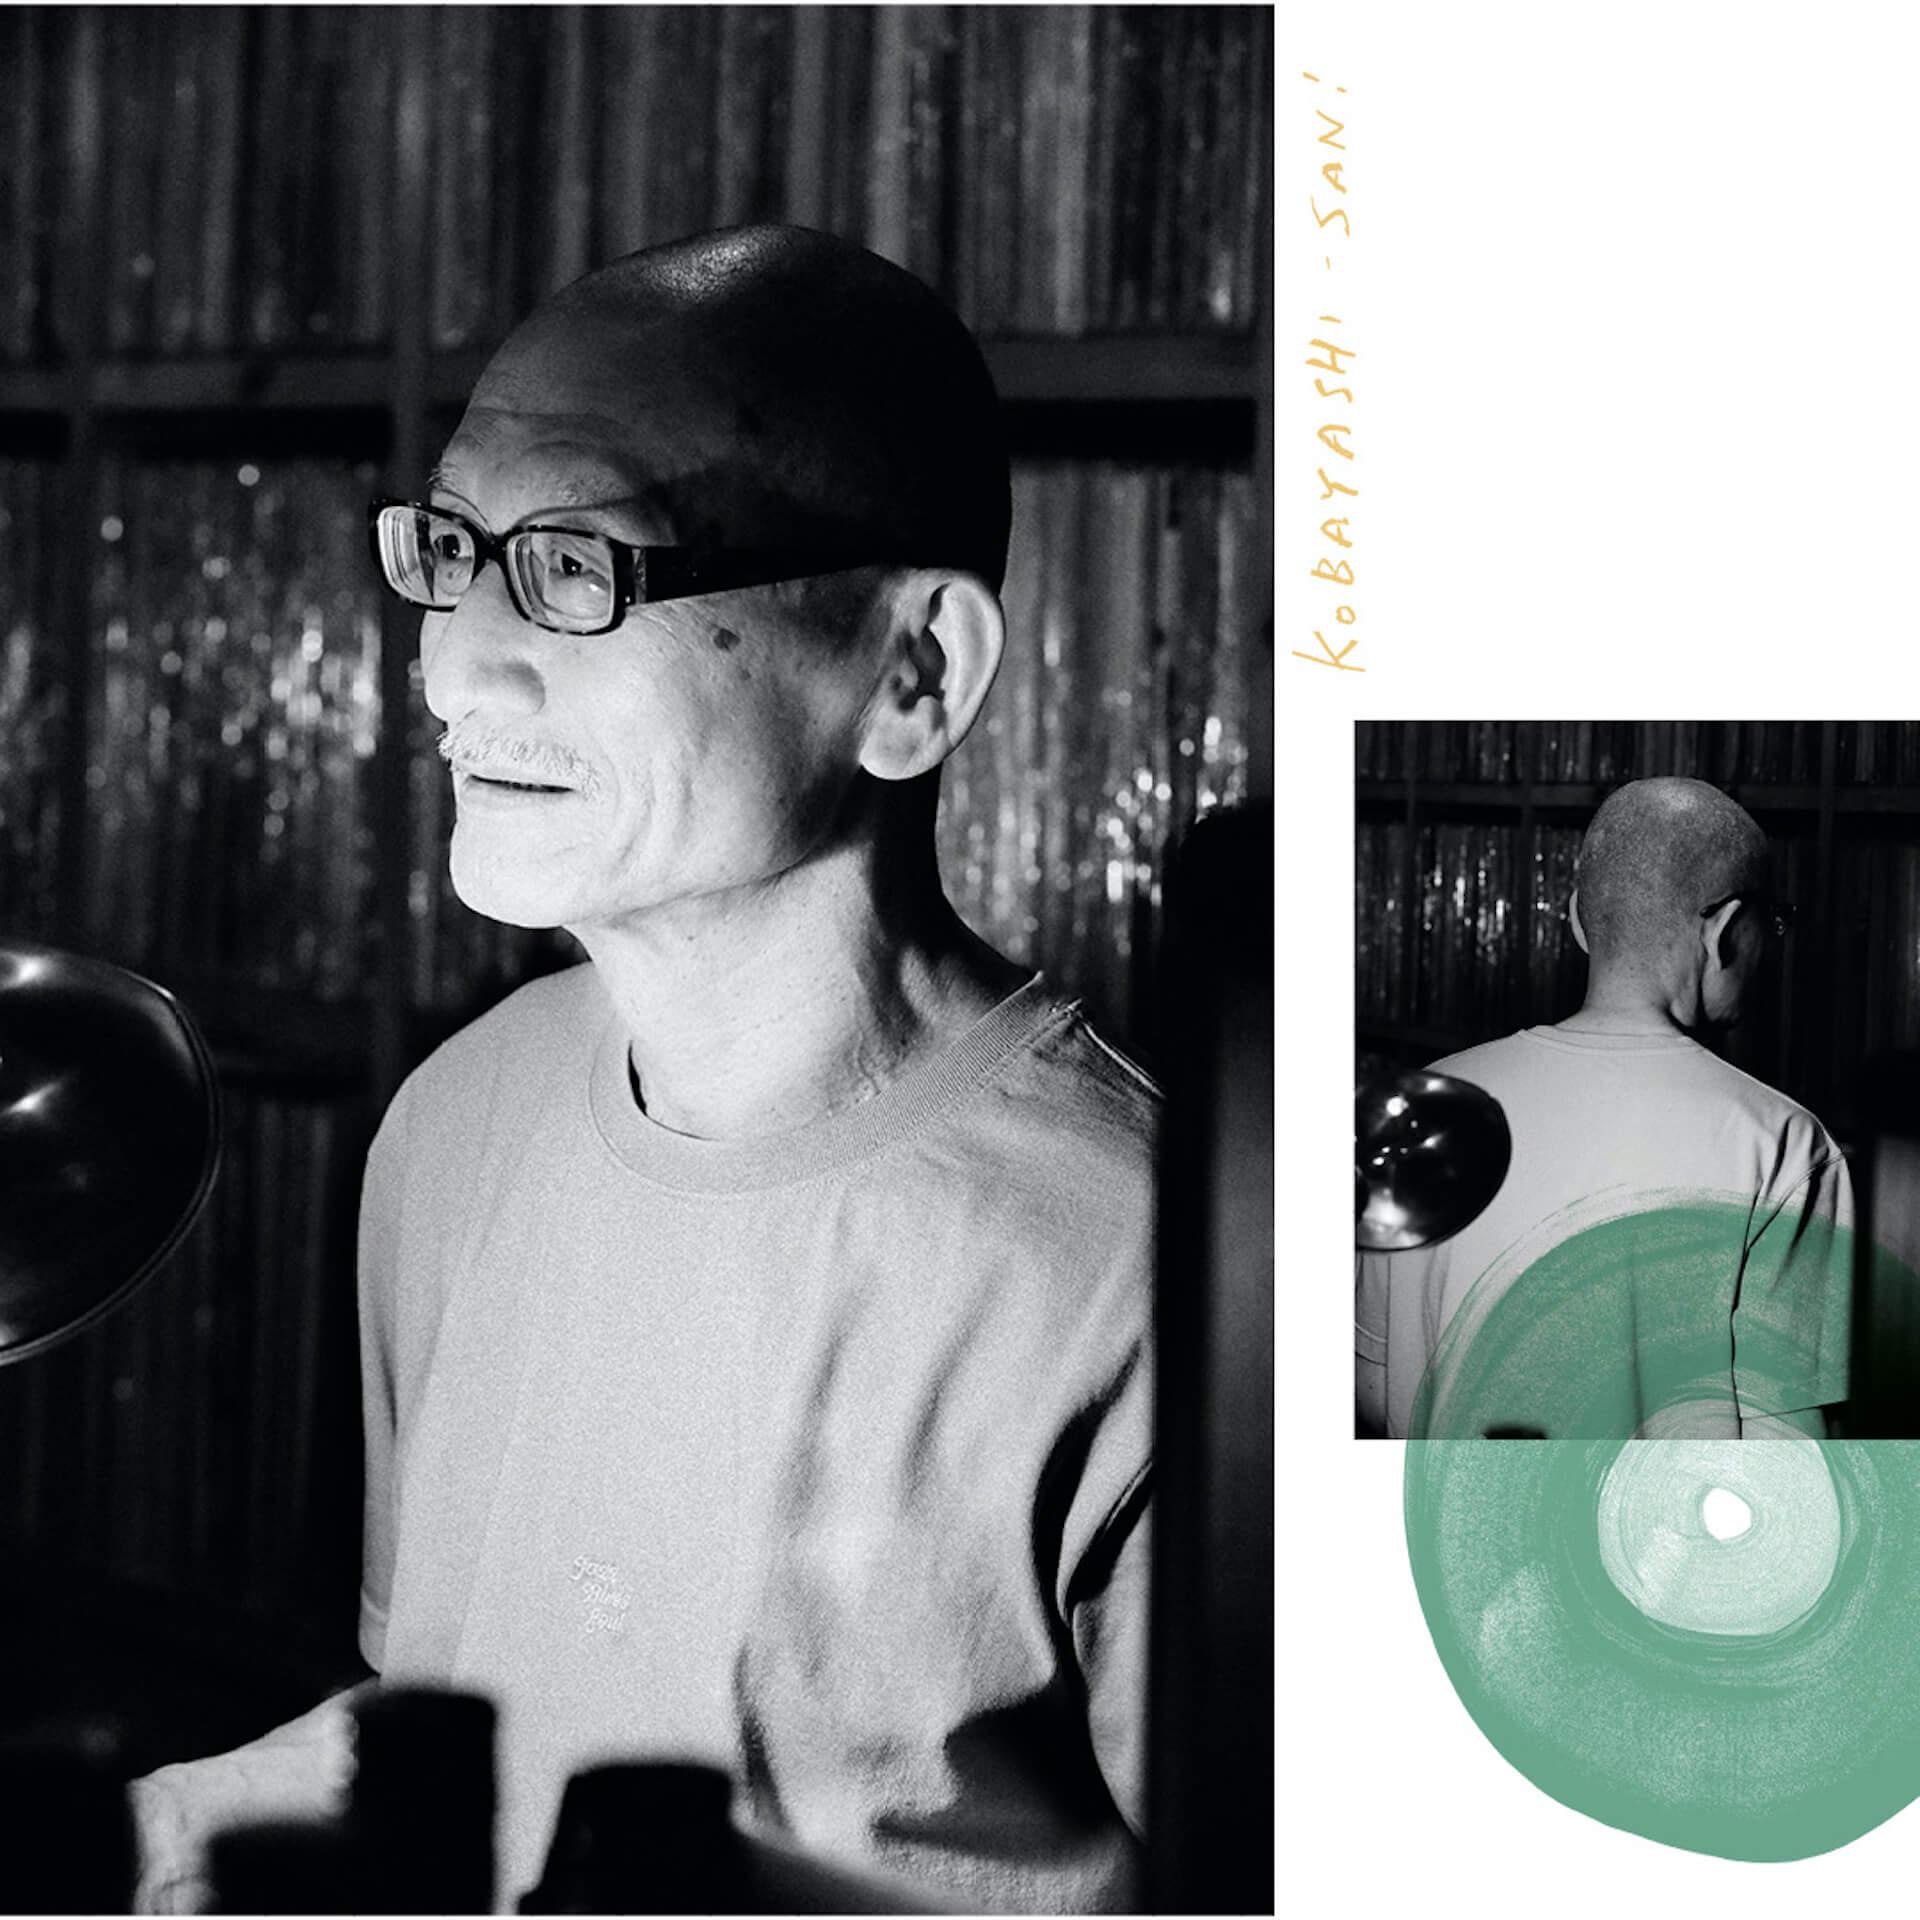 Receptionと渋谷のレコードバーJBSによるカプセルコレクションがローンチ! Fation210615_JSB-lookbook5